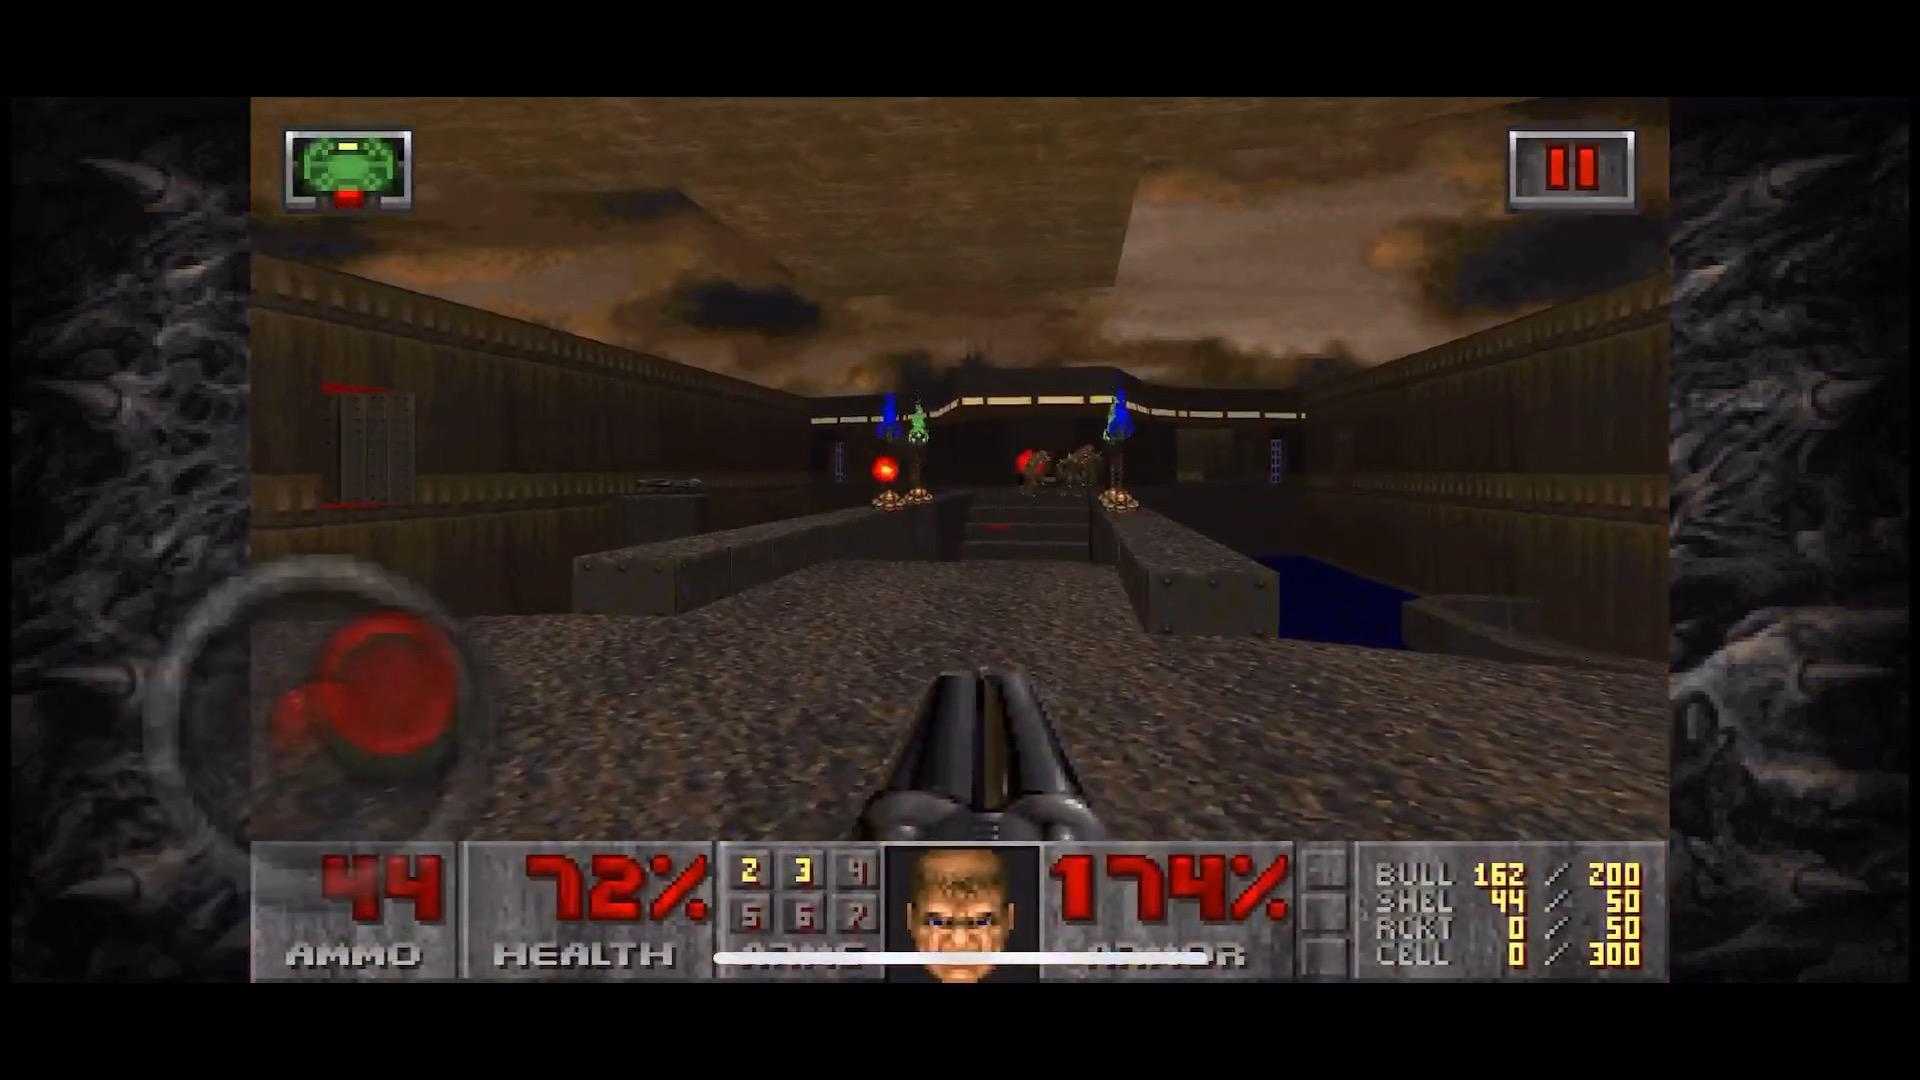 Les légendaires Doom et Doom 2 jouables sur iPhone et iPad 2